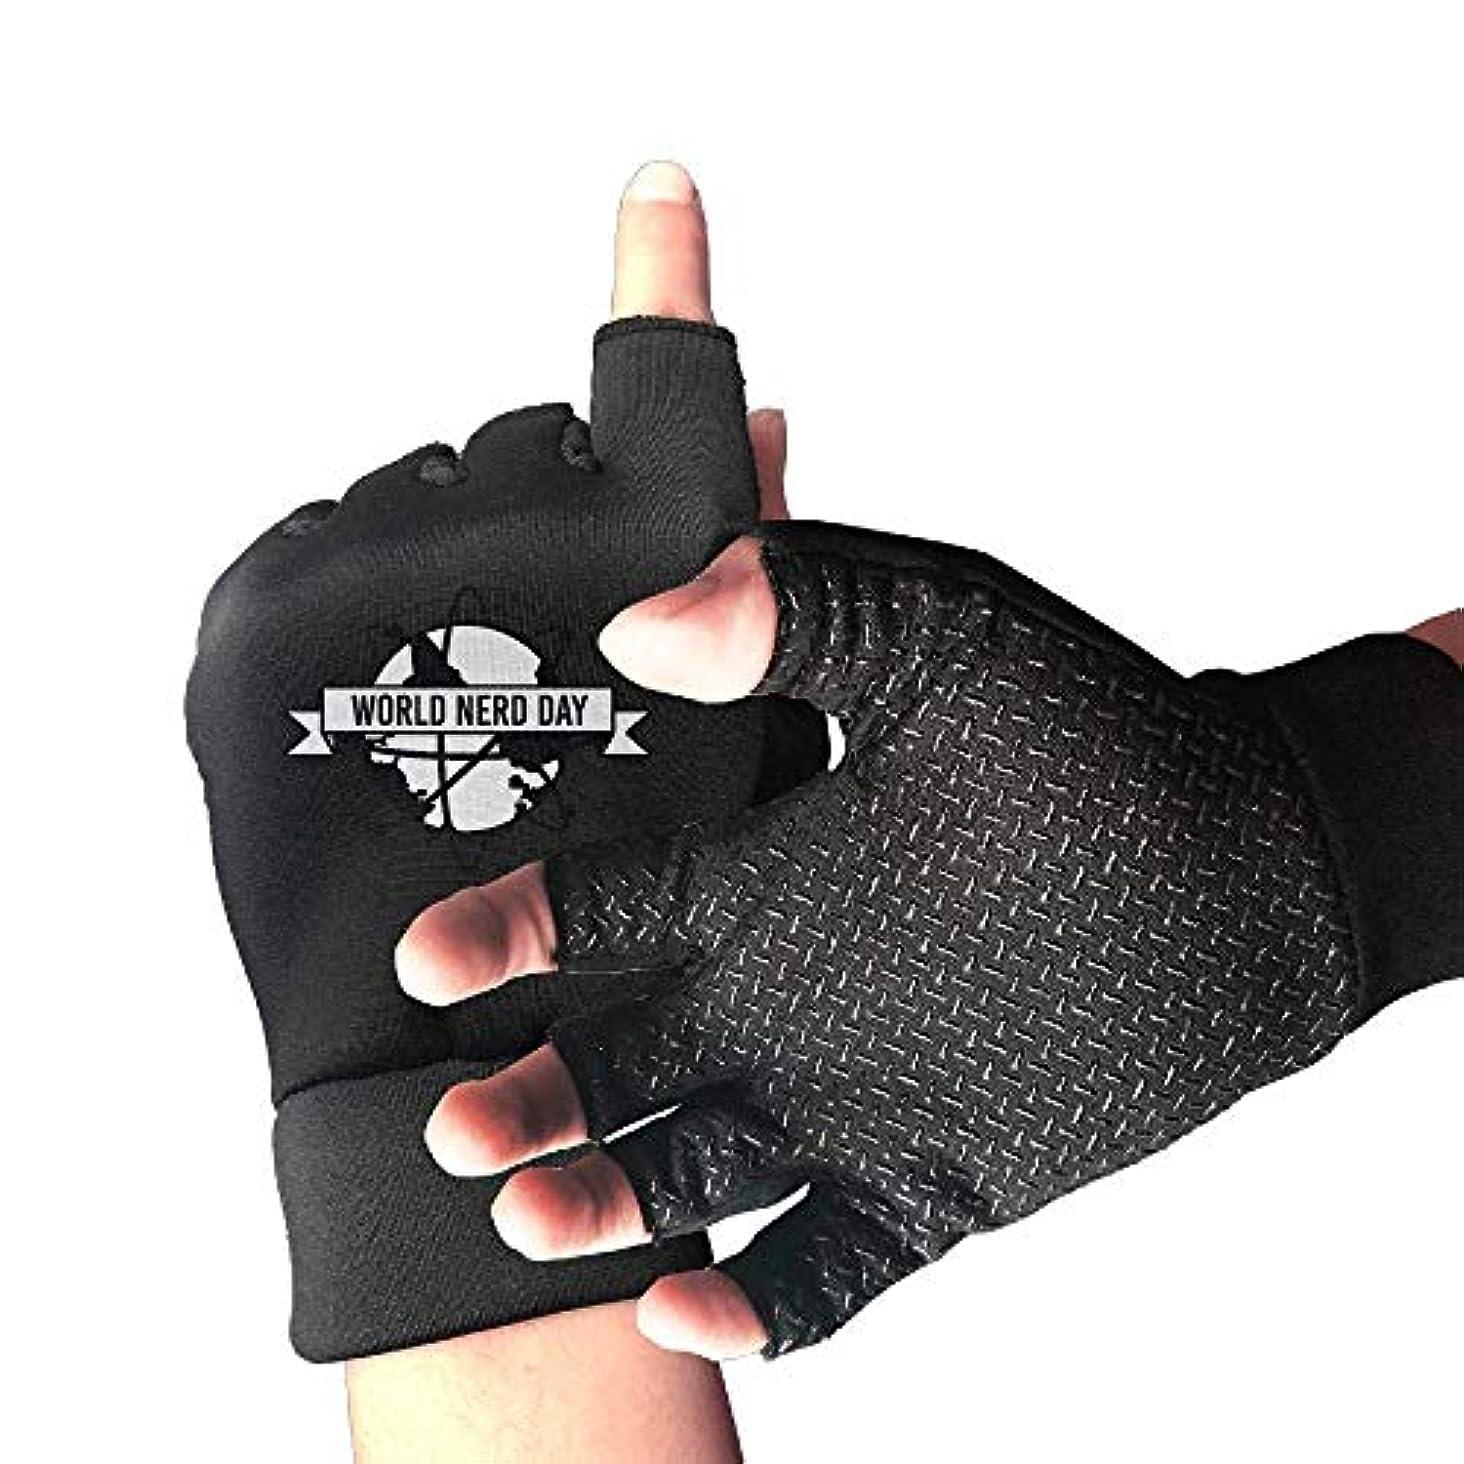 憲法気配りのある神学校サイクリング手袋世界オタク日メンズ/レディースマウンテンバイク用手袋ハーフフィンガースリップ防止オートバイ用手袋